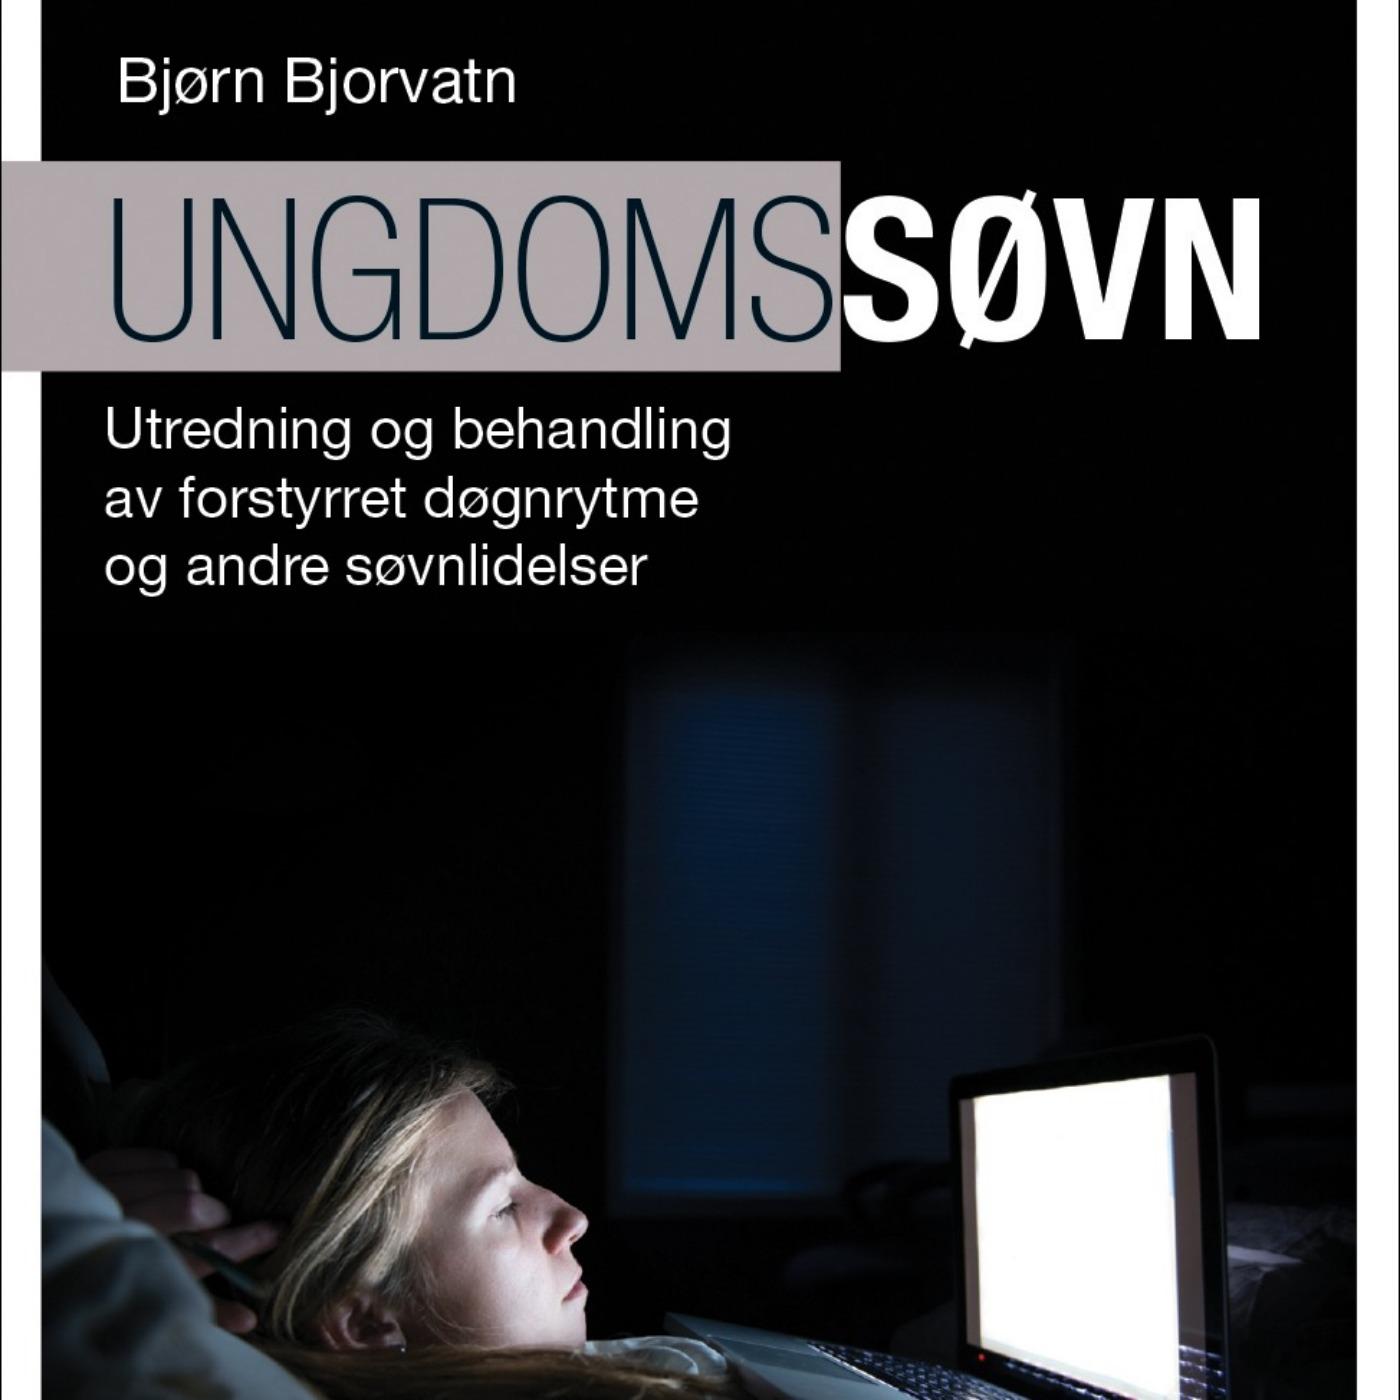 Ungdomssøvn med Bjørn Bjorvatn